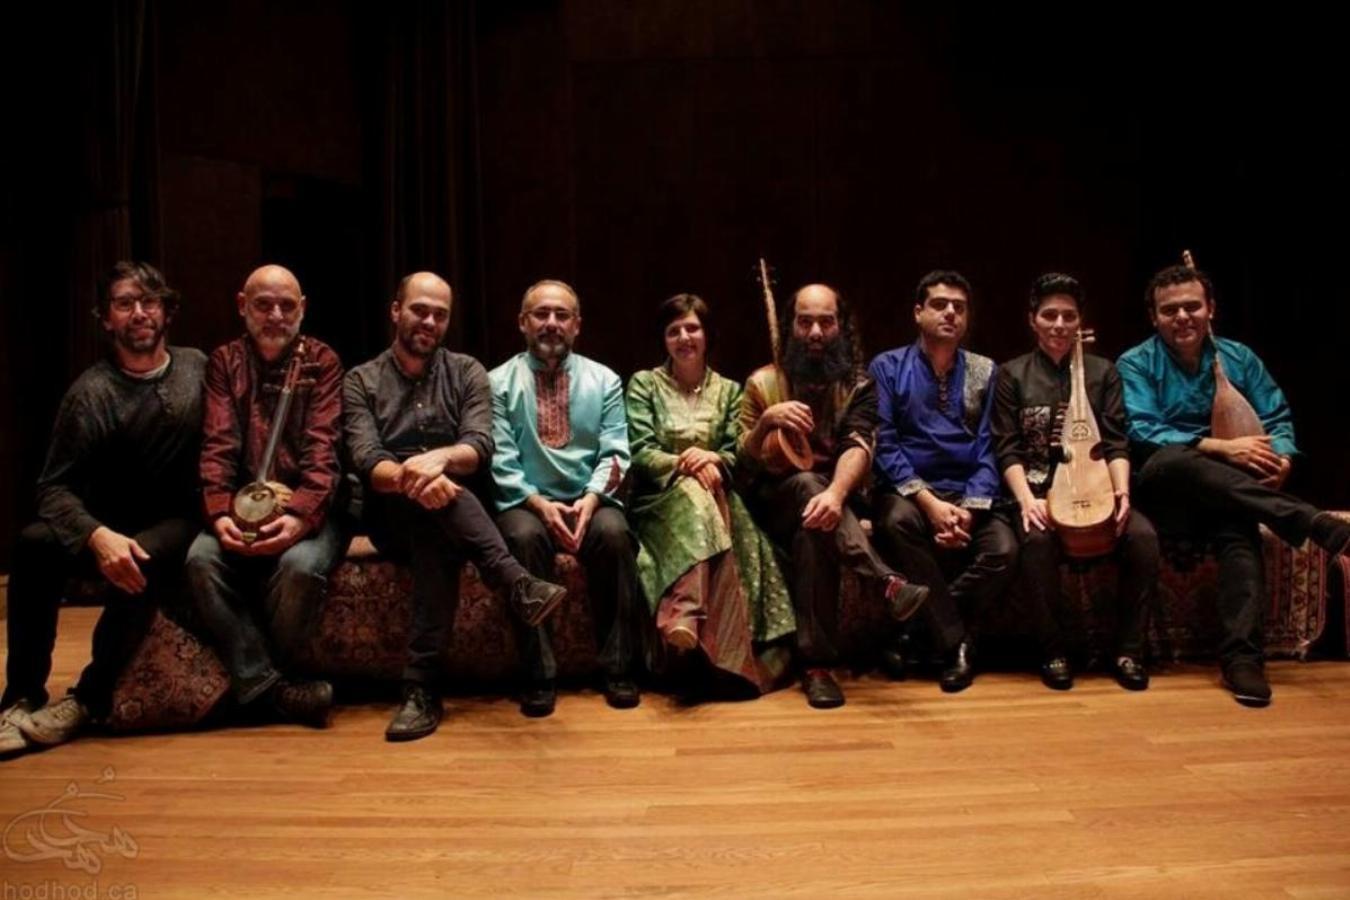 آواز امید: مصاحبه تصویری با کیا طبسیان و سپیده رئیس سادات در حاشیه جدیدترین اجرای گروه هنری Constantiople در مونتریال